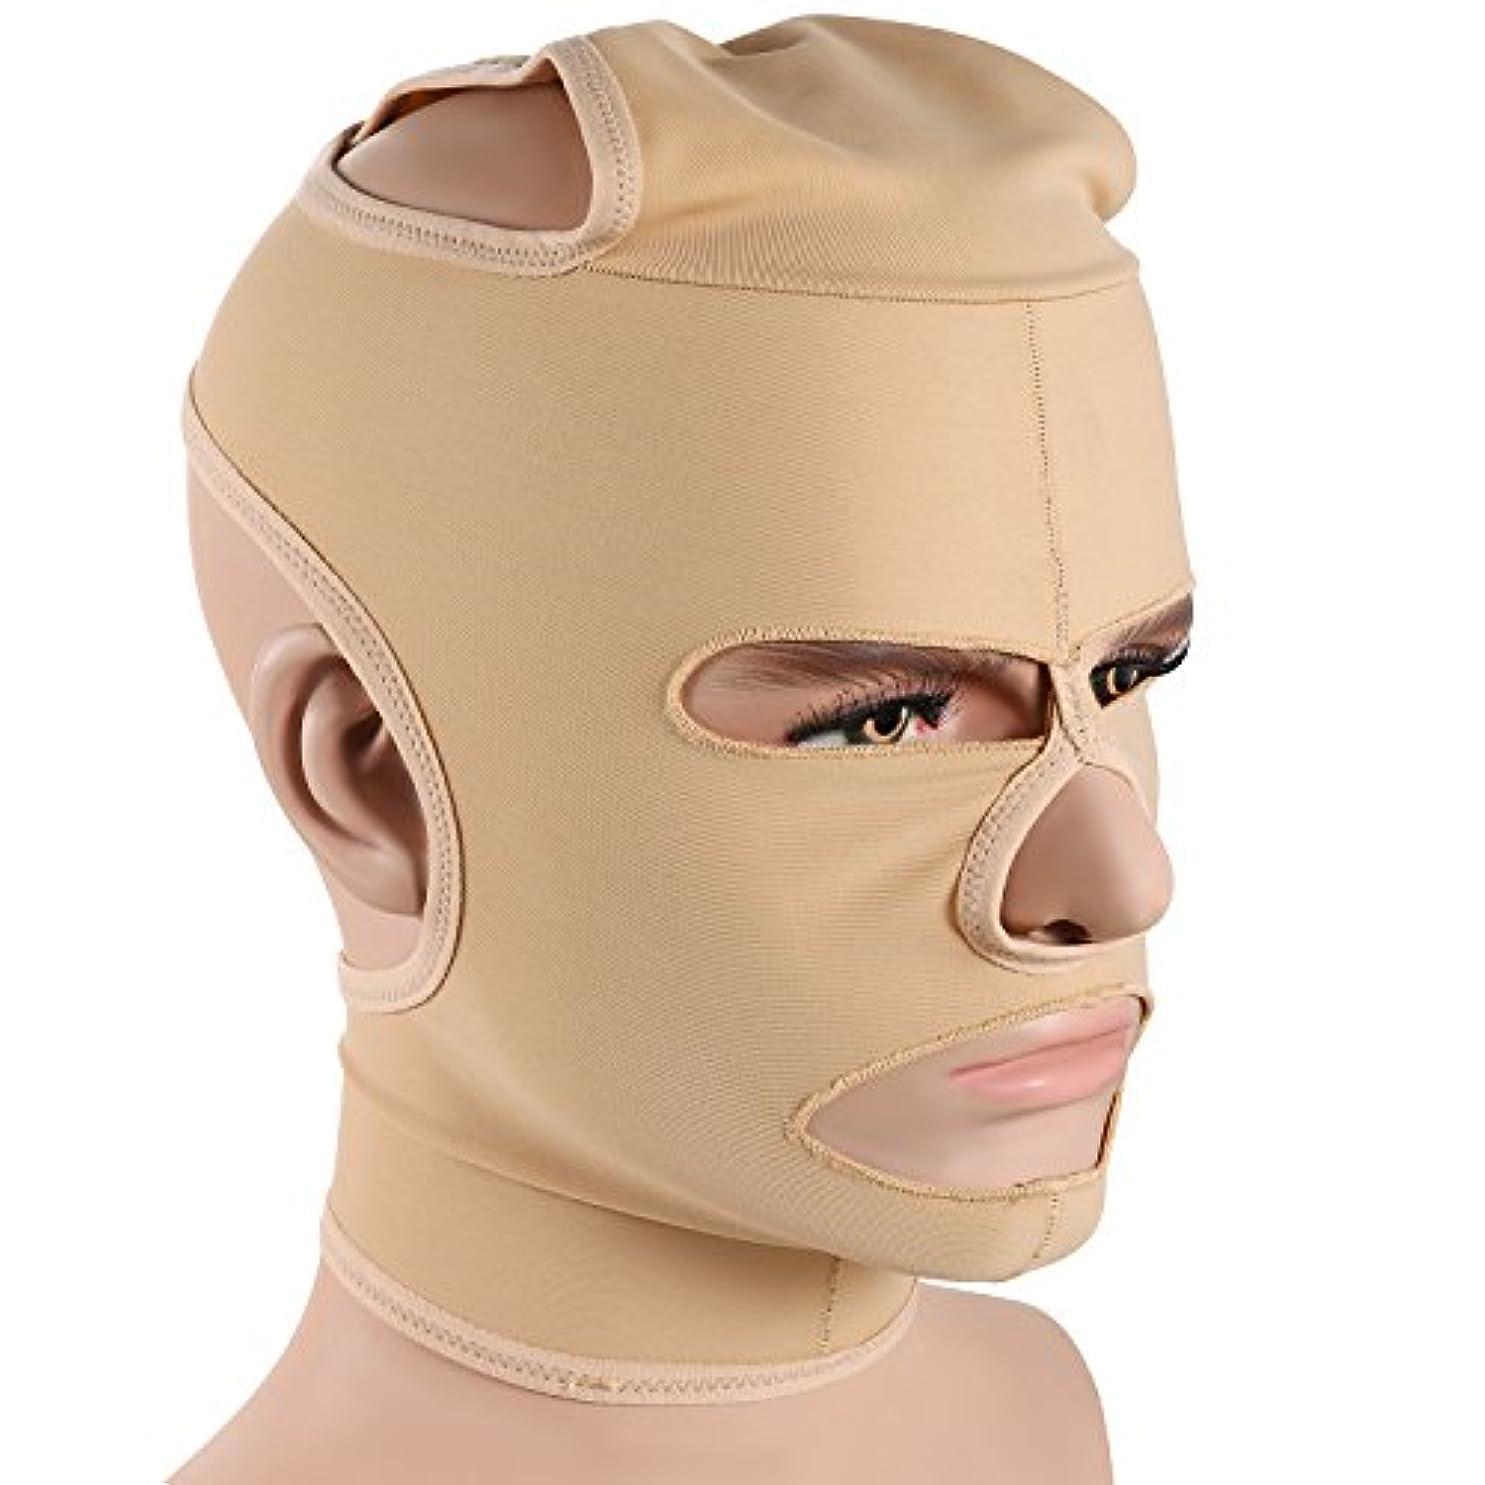 溶融翻訳者著作権JewelryWe 小顔補正マスク 小顔ベルト 法令線予防 シワ防止 美顔 額、顎下、頬リフトアップ 男女兼用 Mサイズ